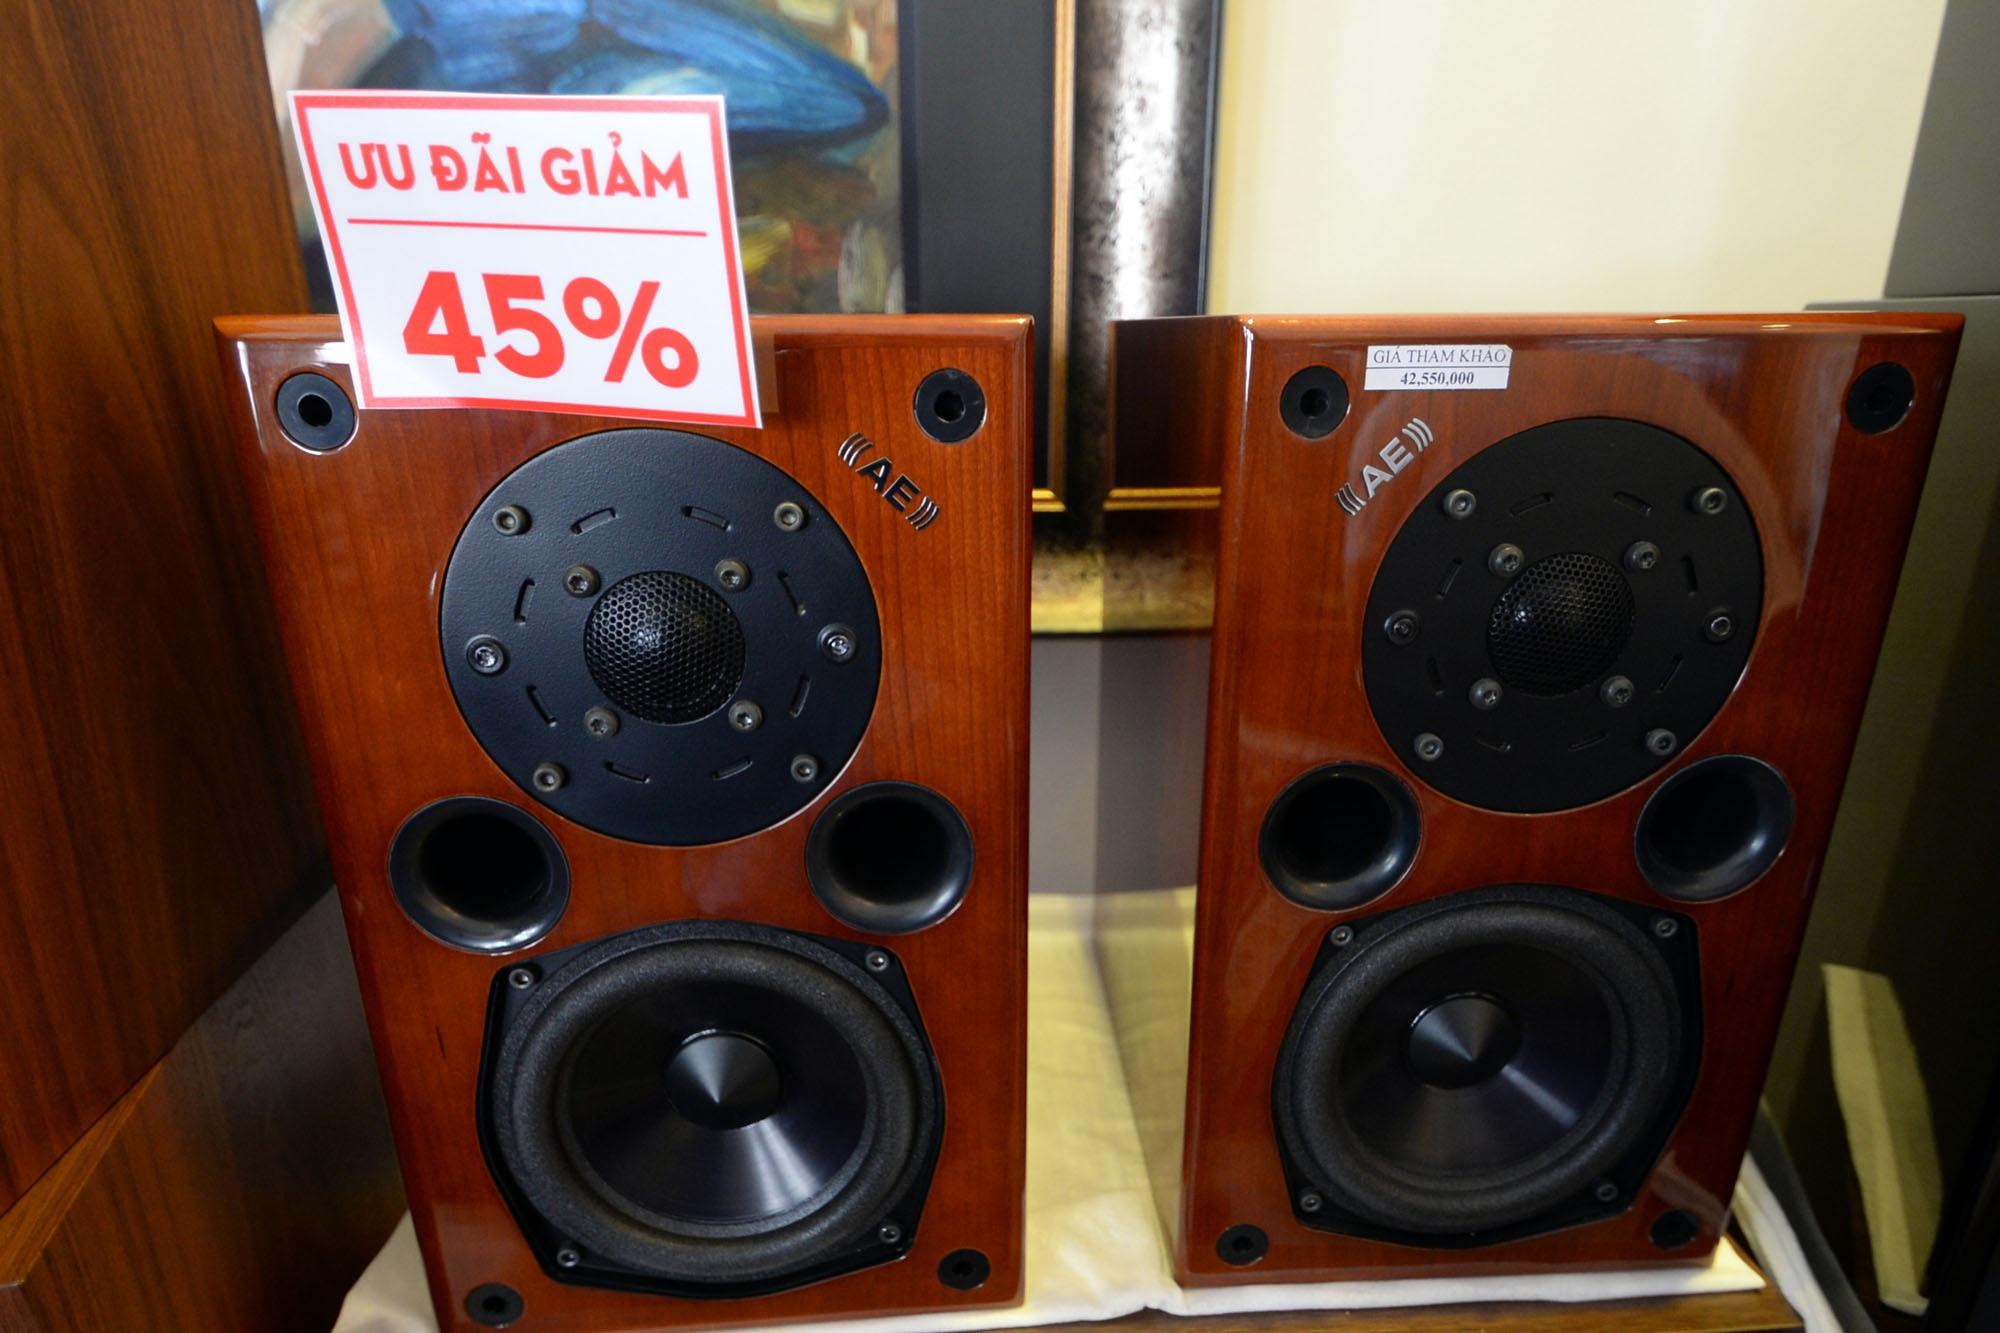 Săn đồ hi-end giảm giá tại Triển lãm thiết bị âm thanh Vietnam AV Show 2016 - 7